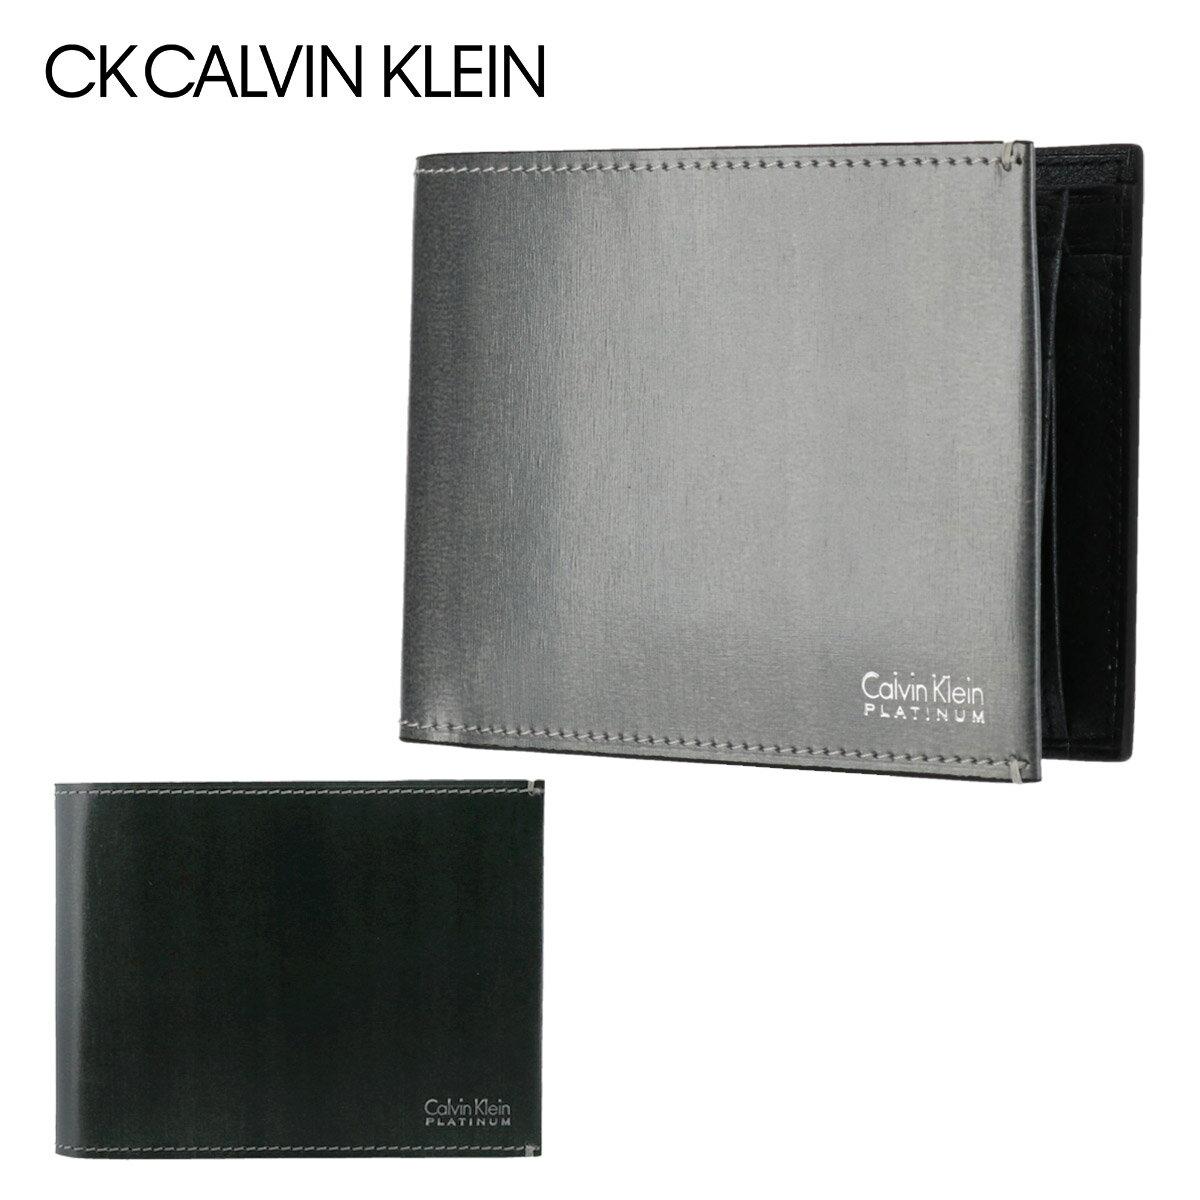 シーケーカルバンクライン 財布 二つ折り メンズ ボルダー 839614 CK CALVIN KLEIN 本革 レザー [PO5][bef][即日発送]